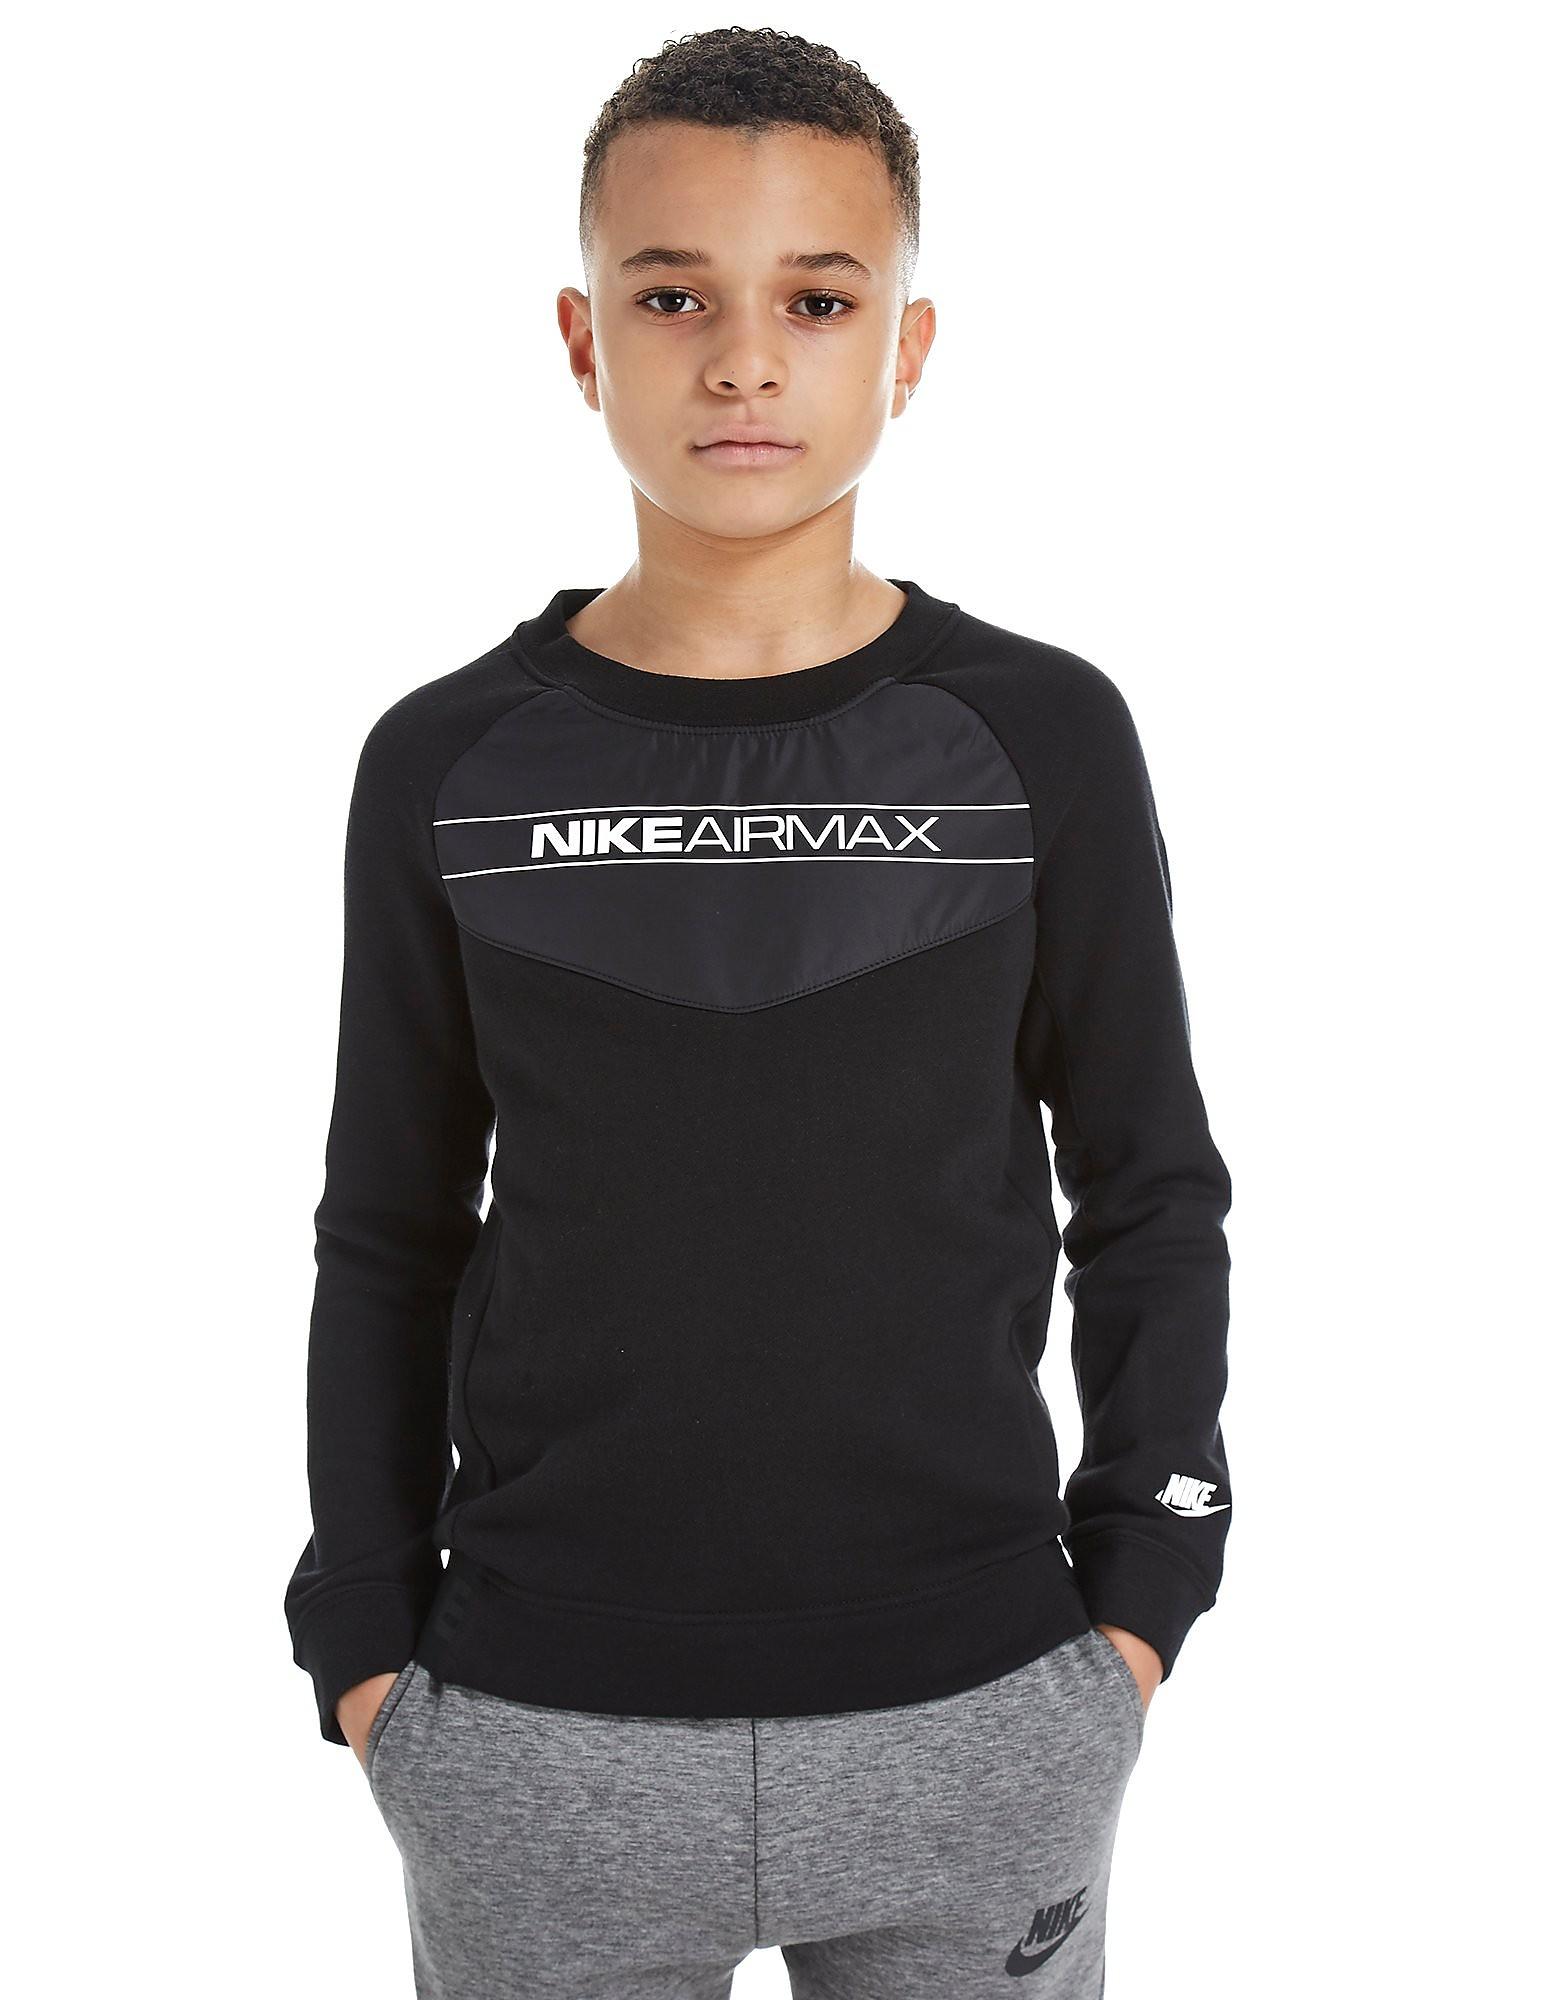 Nike Air Max Sweatshirt Junior